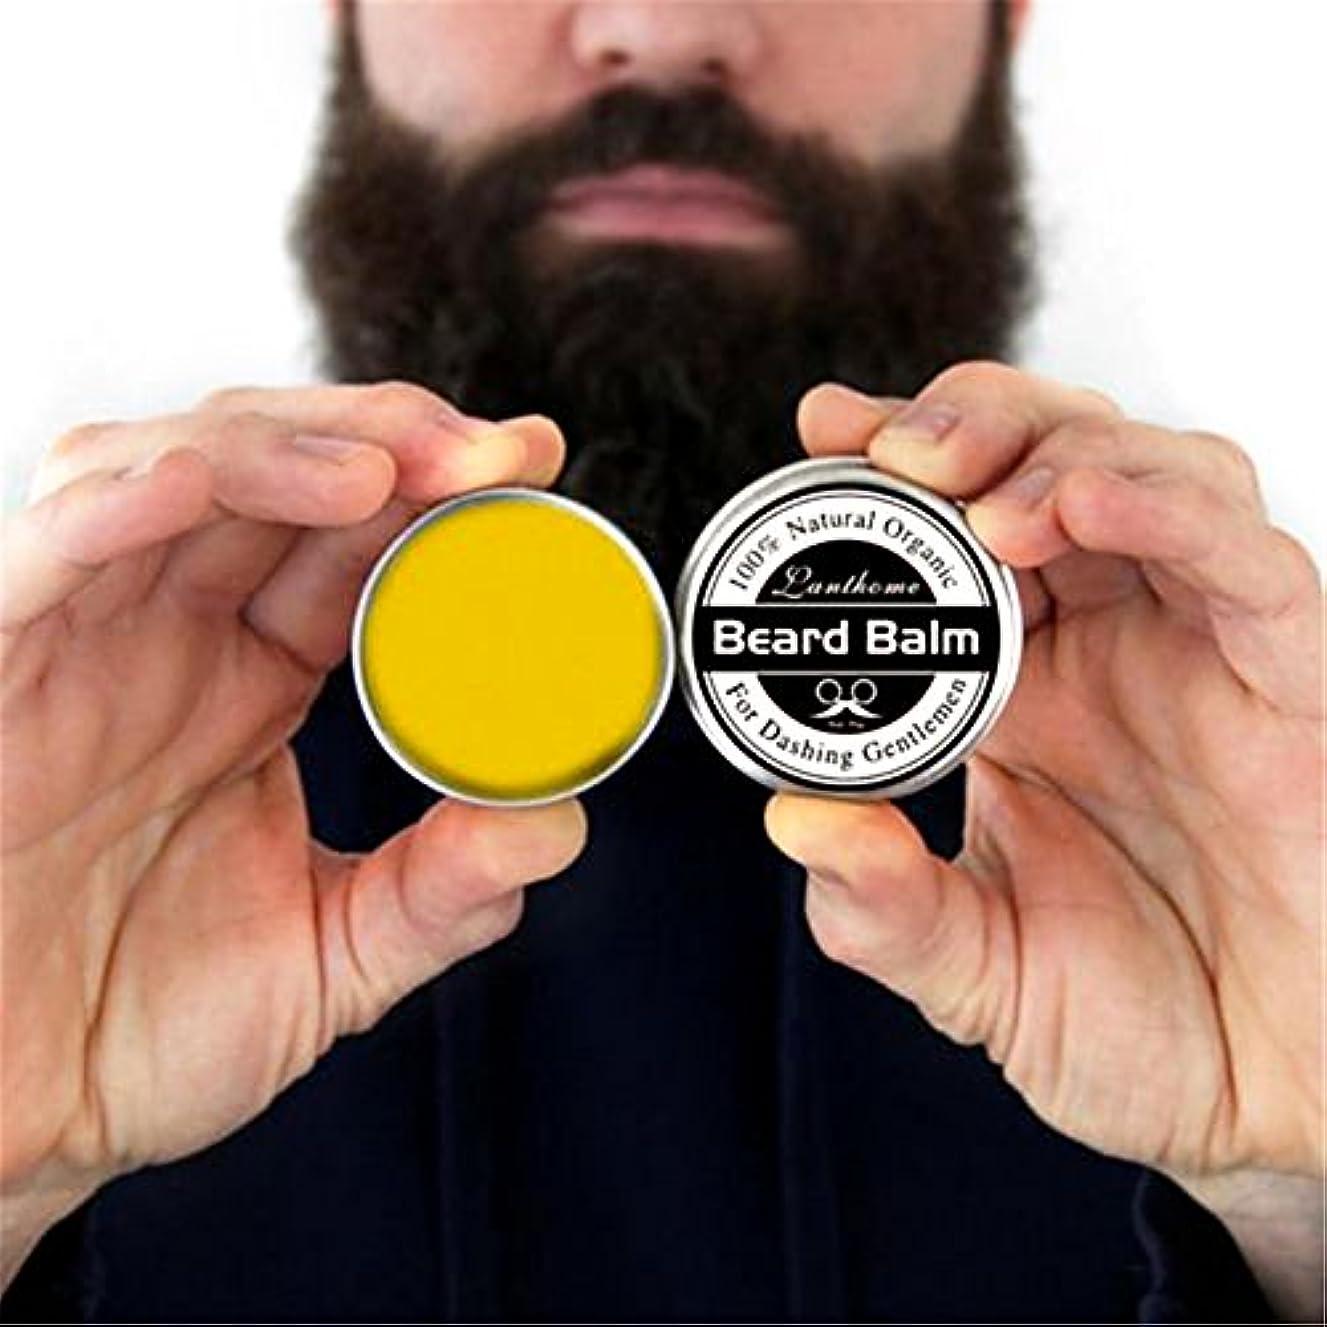 宇宙飛行士安価な移行するRuier-tong ビアードバーム メンズひげワックス 口髭用ワックス ひげクリーム 保湿/滋養/ひげ根のケアなどの効果  ひげケア必需品 携帯便利